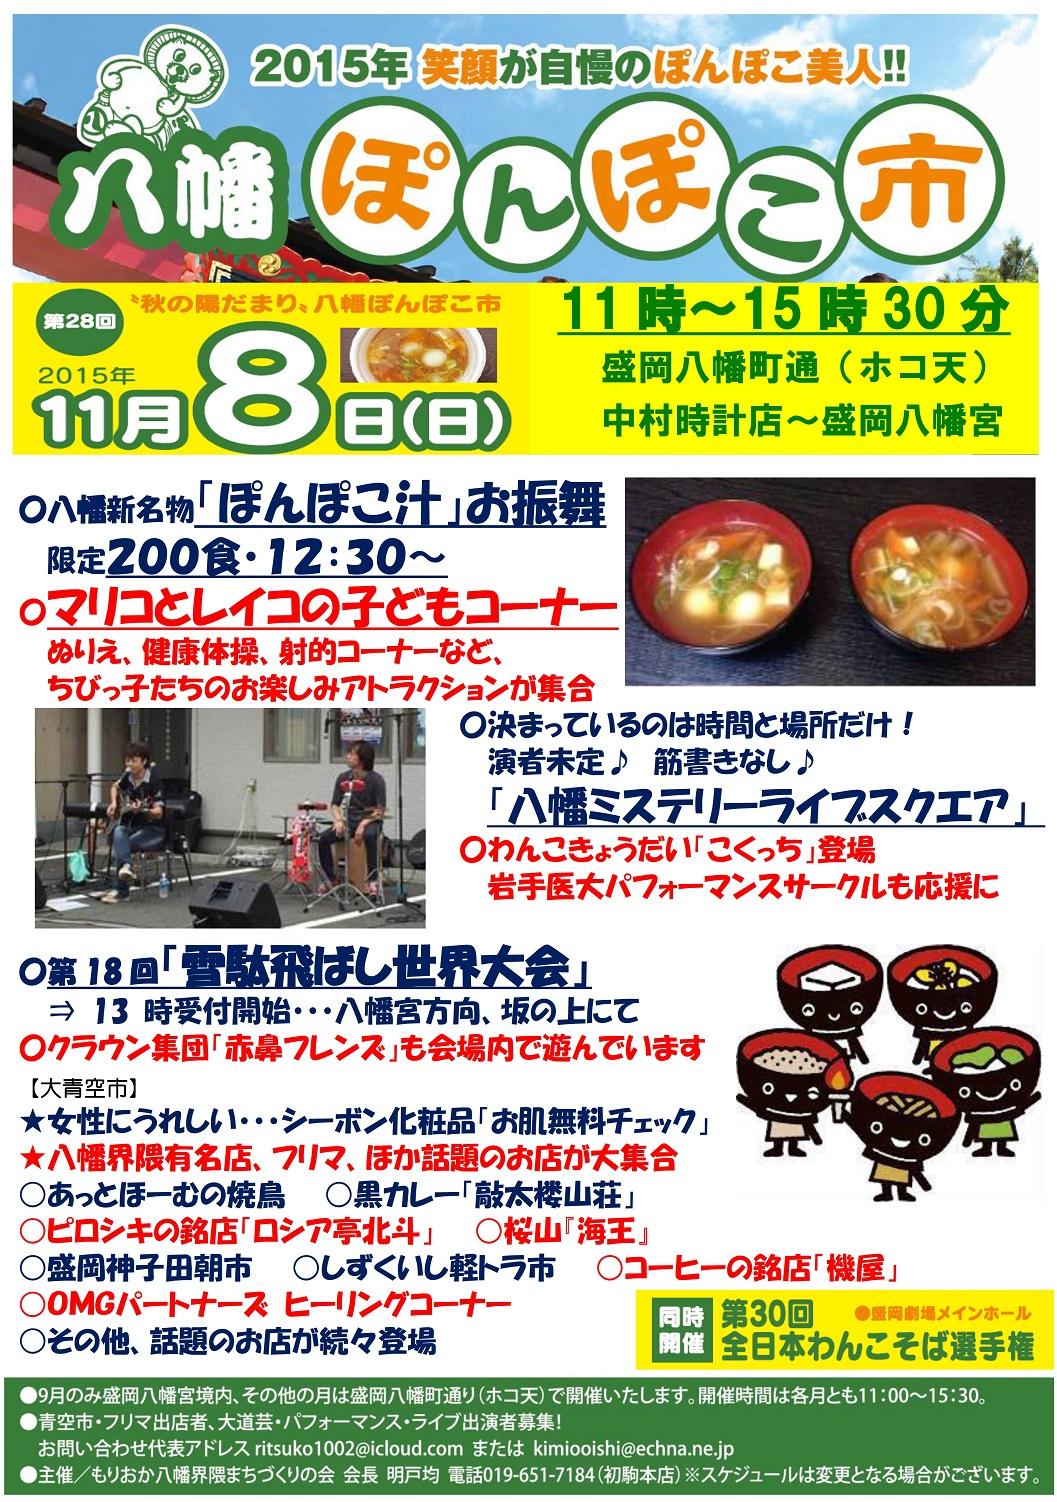 2711八幡ぽんぽこ市ミニポスター縮小